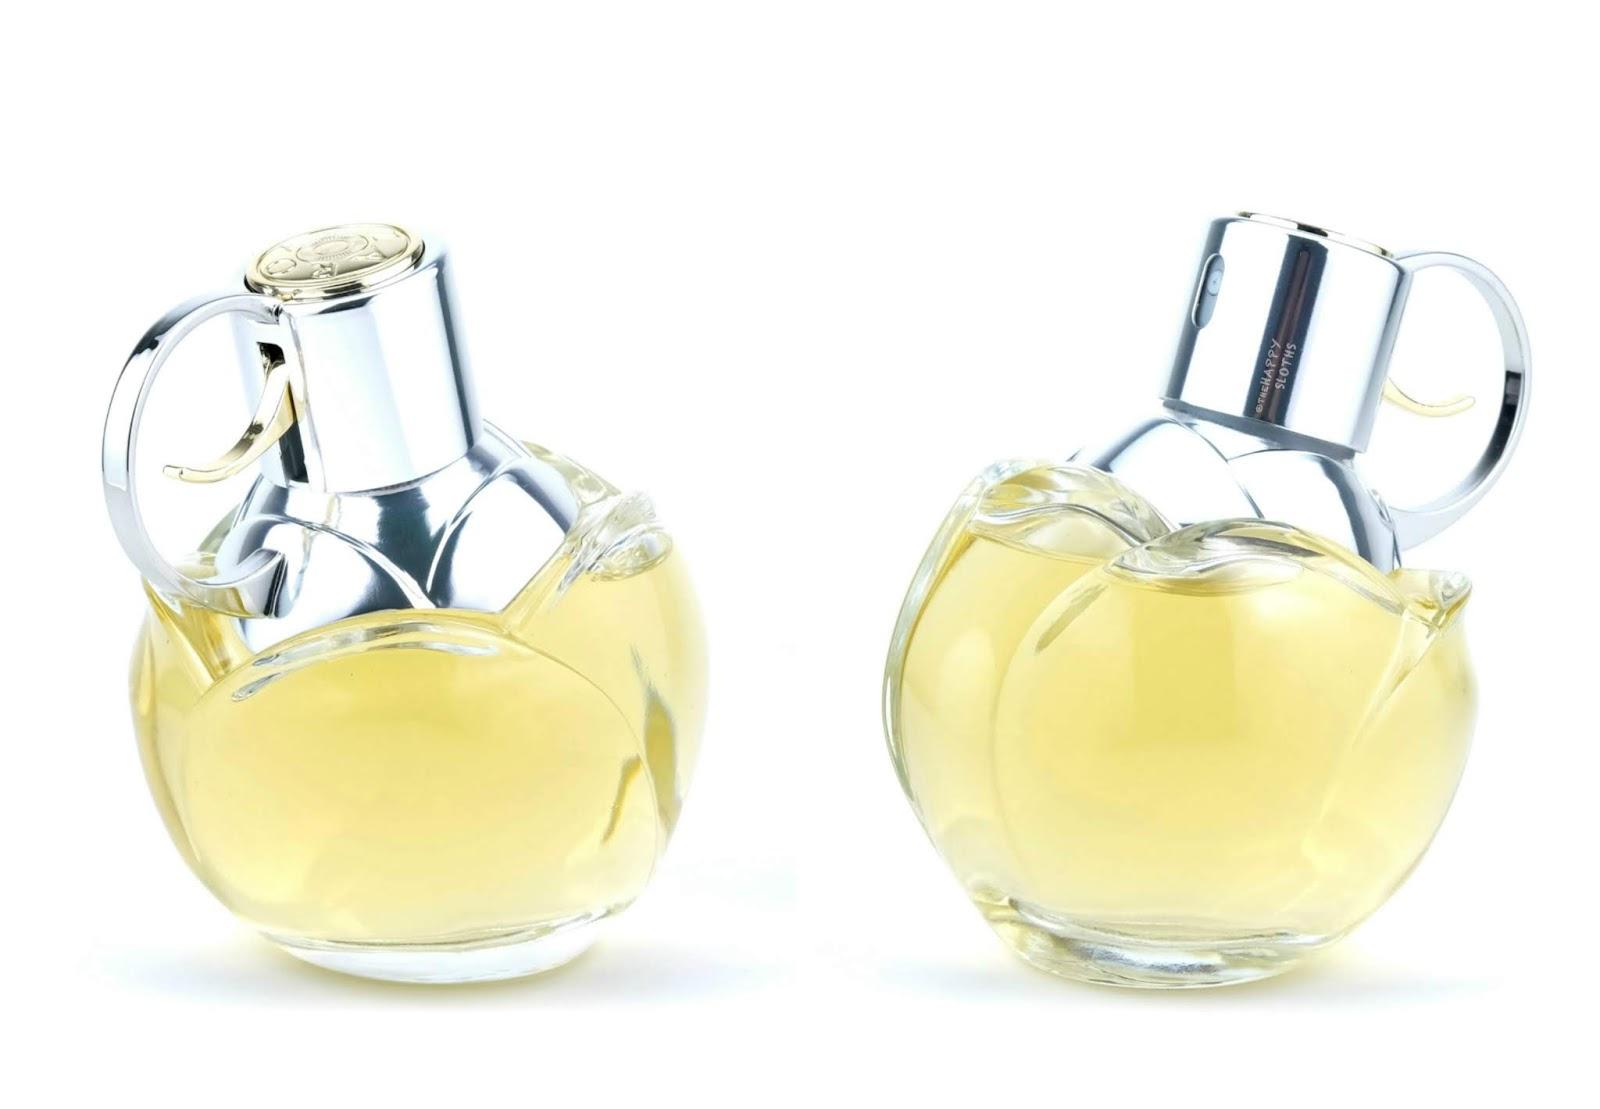 Azzaro | Wanted Girl Eau de Parfum: Review